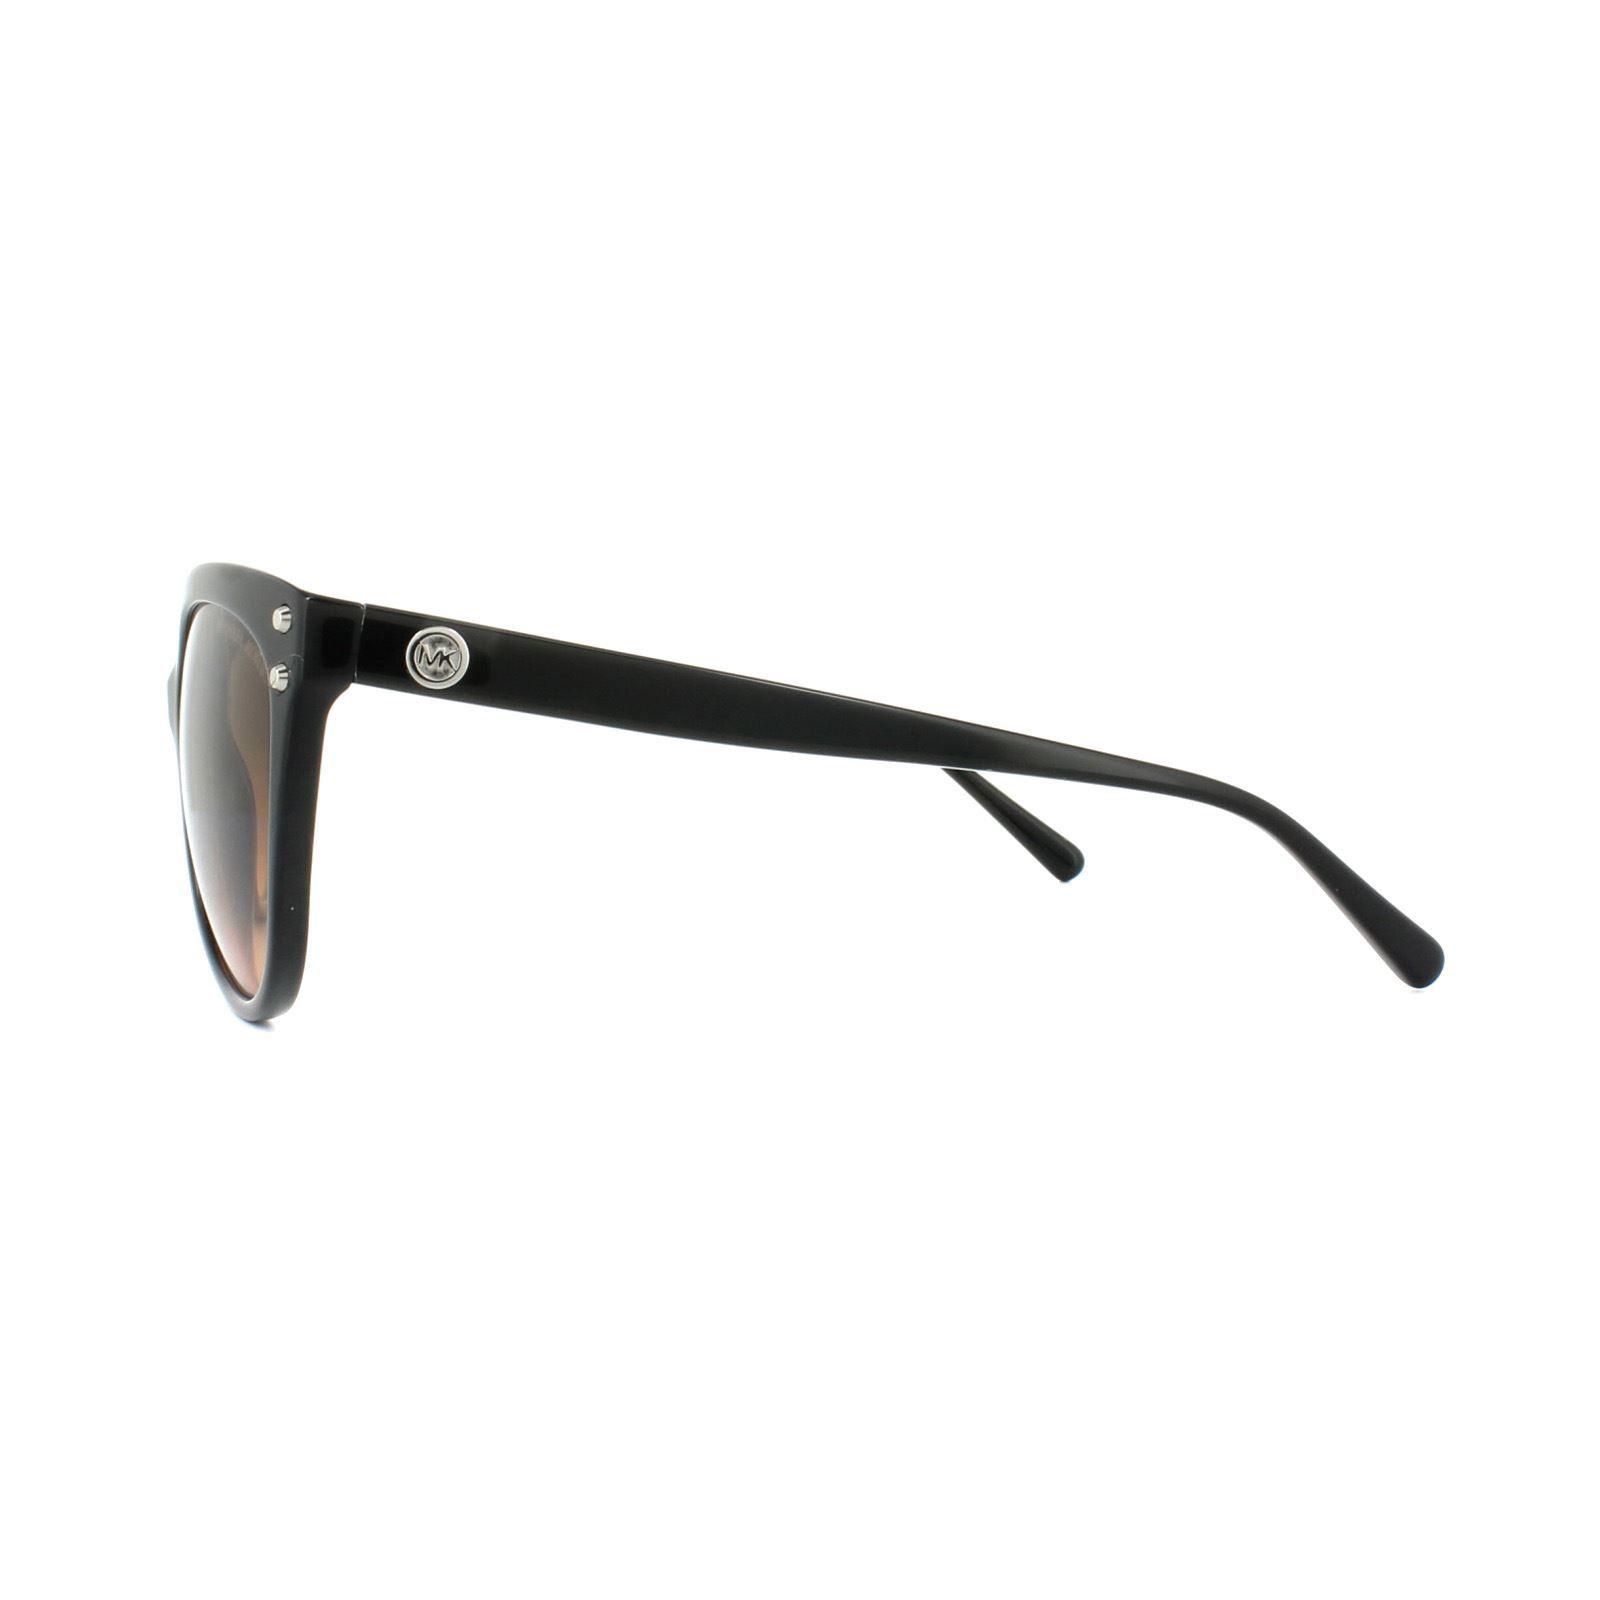 Michael Kors Sunglasses Jan 2045 3177/11 Black Grey Brown Gradient